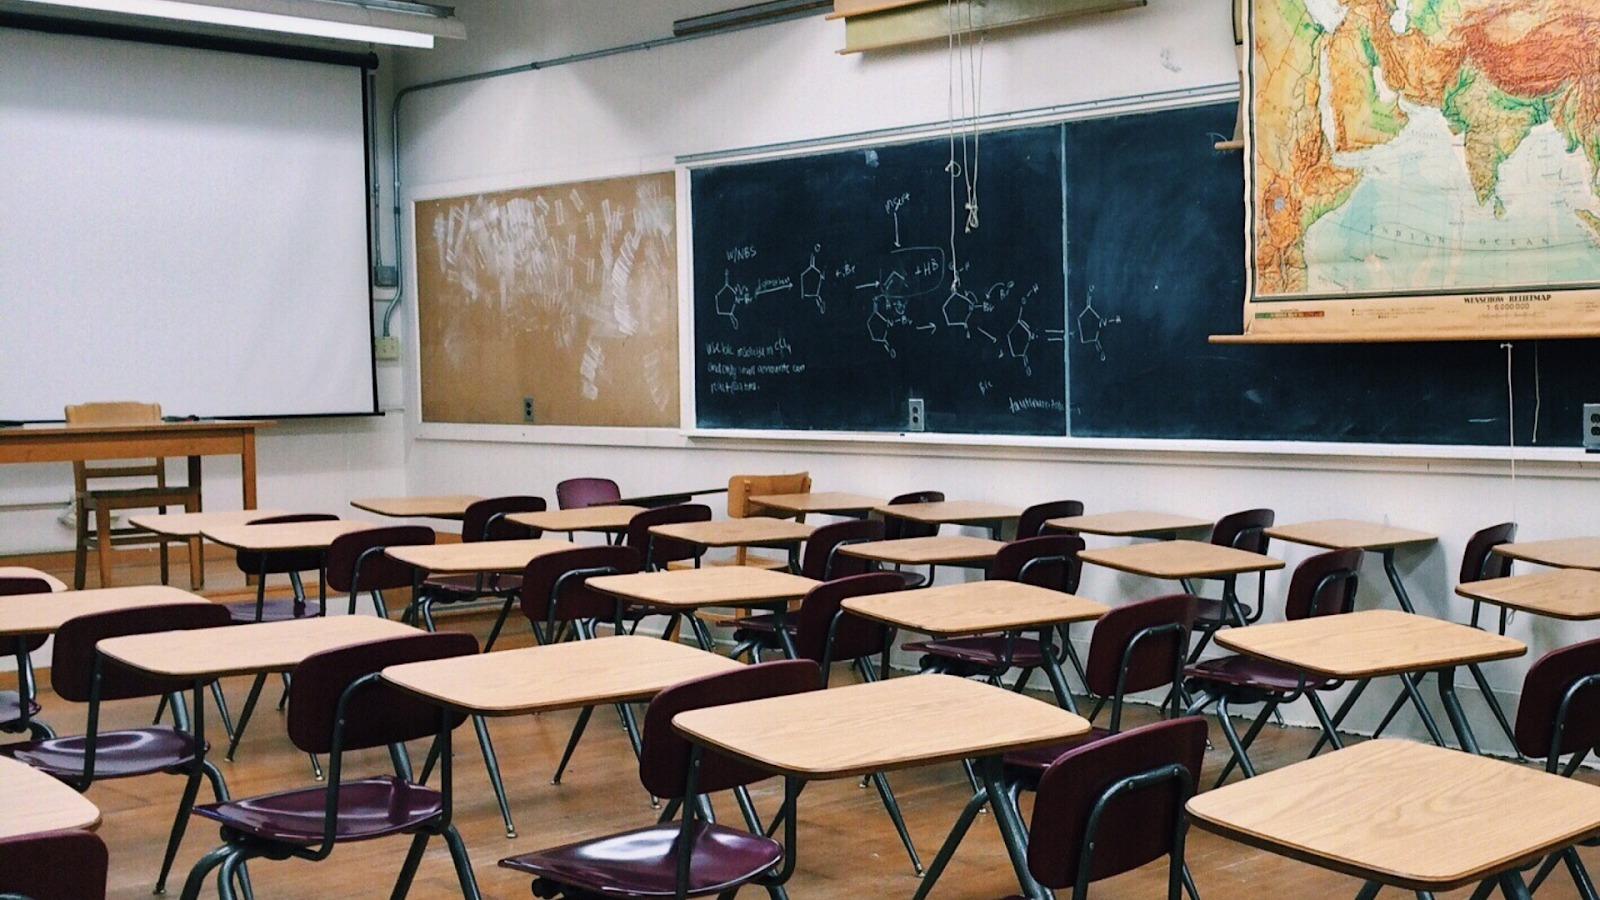 Fotografia prázdnej triedy. Zobrazuje veľa stoličiek a stolov. Na tabuli je napísaných niekoľko chemických vzorcov.